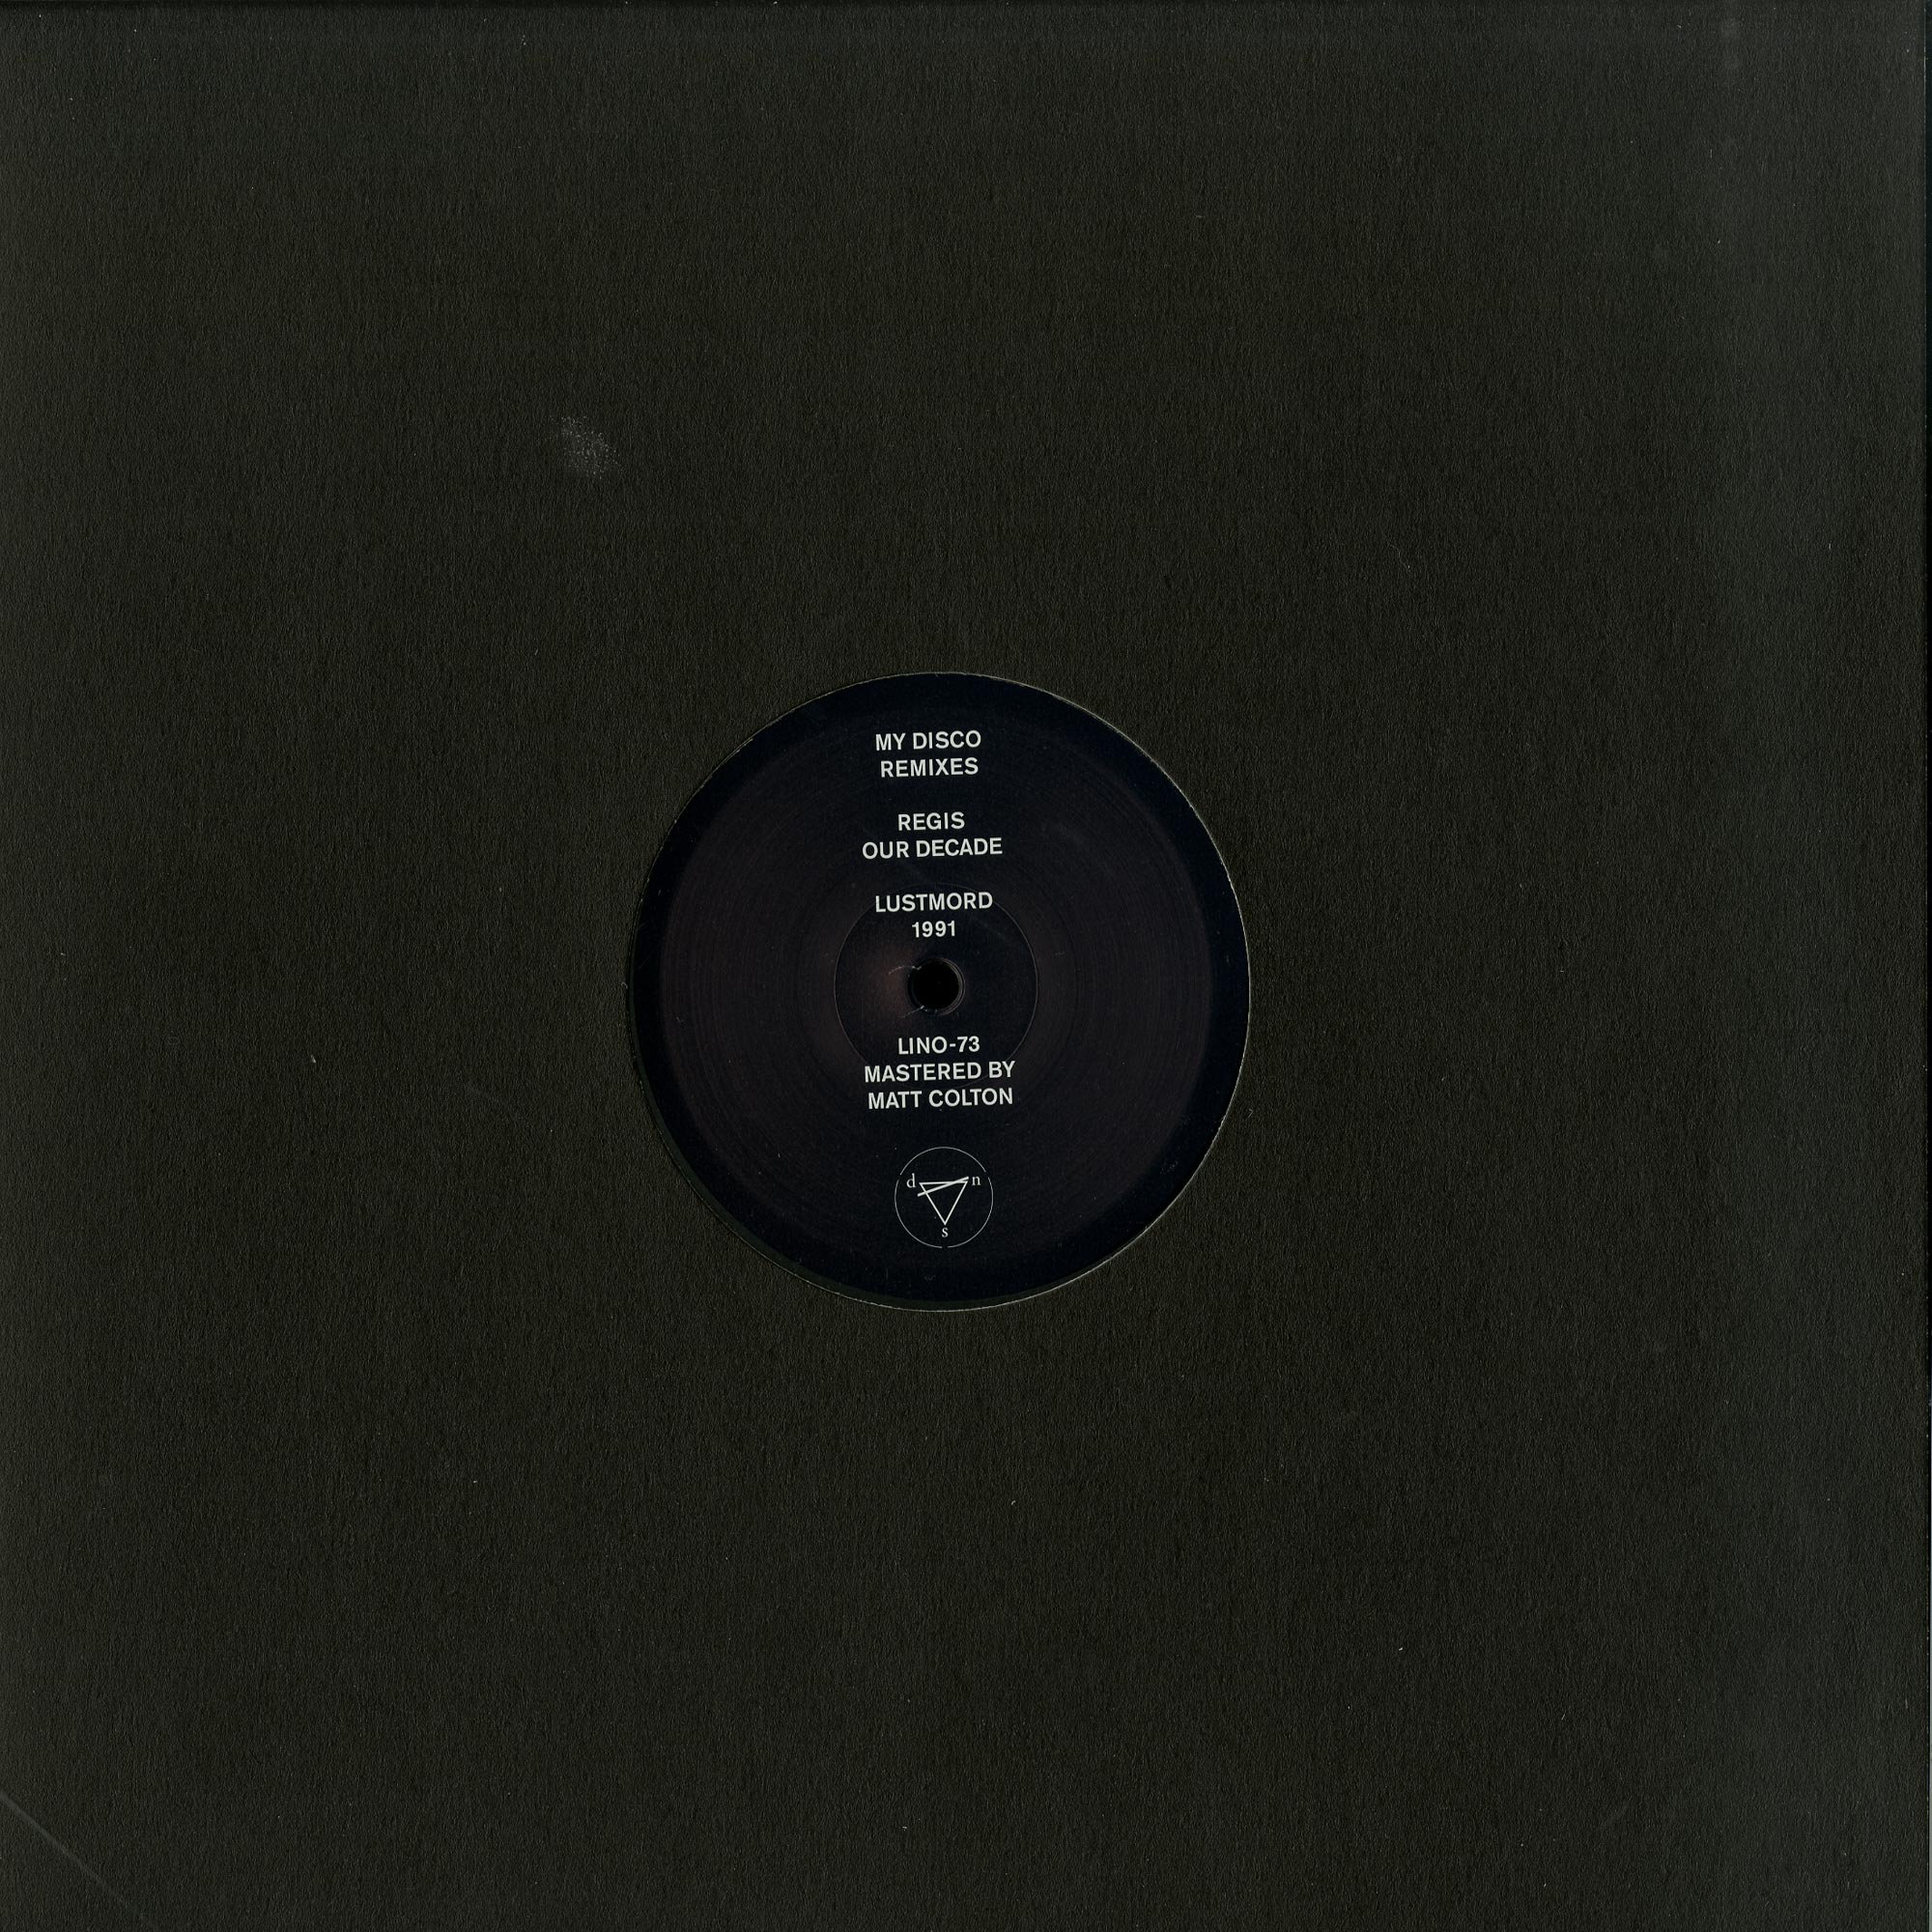 My Disco, Regis, Lustmord - SEVERE REMIXES